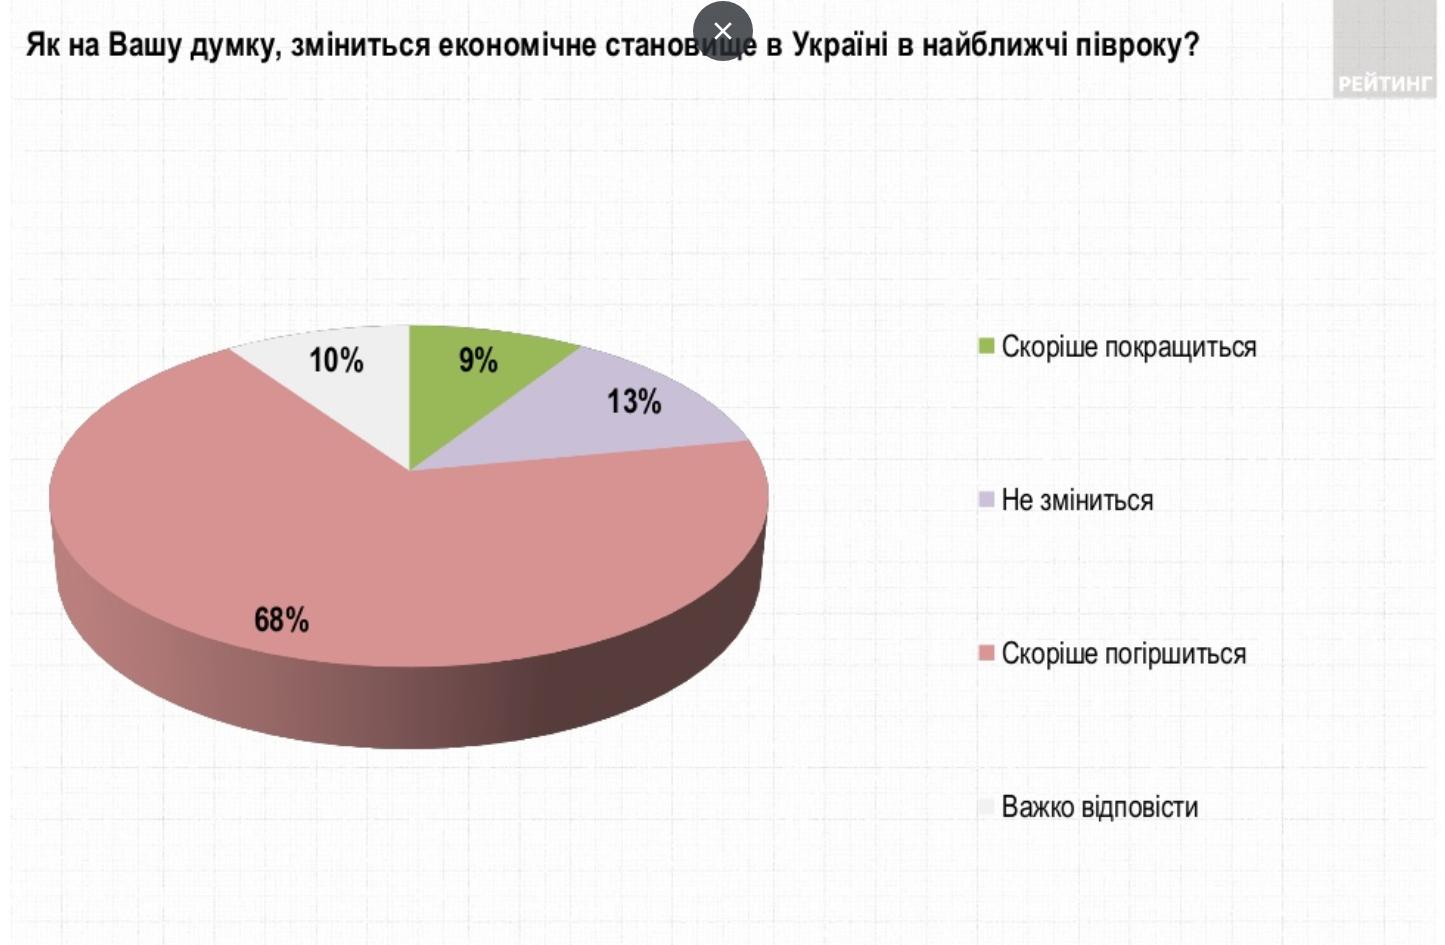 Украинцы оценили перспективы улучшения экономической ситуации в стране